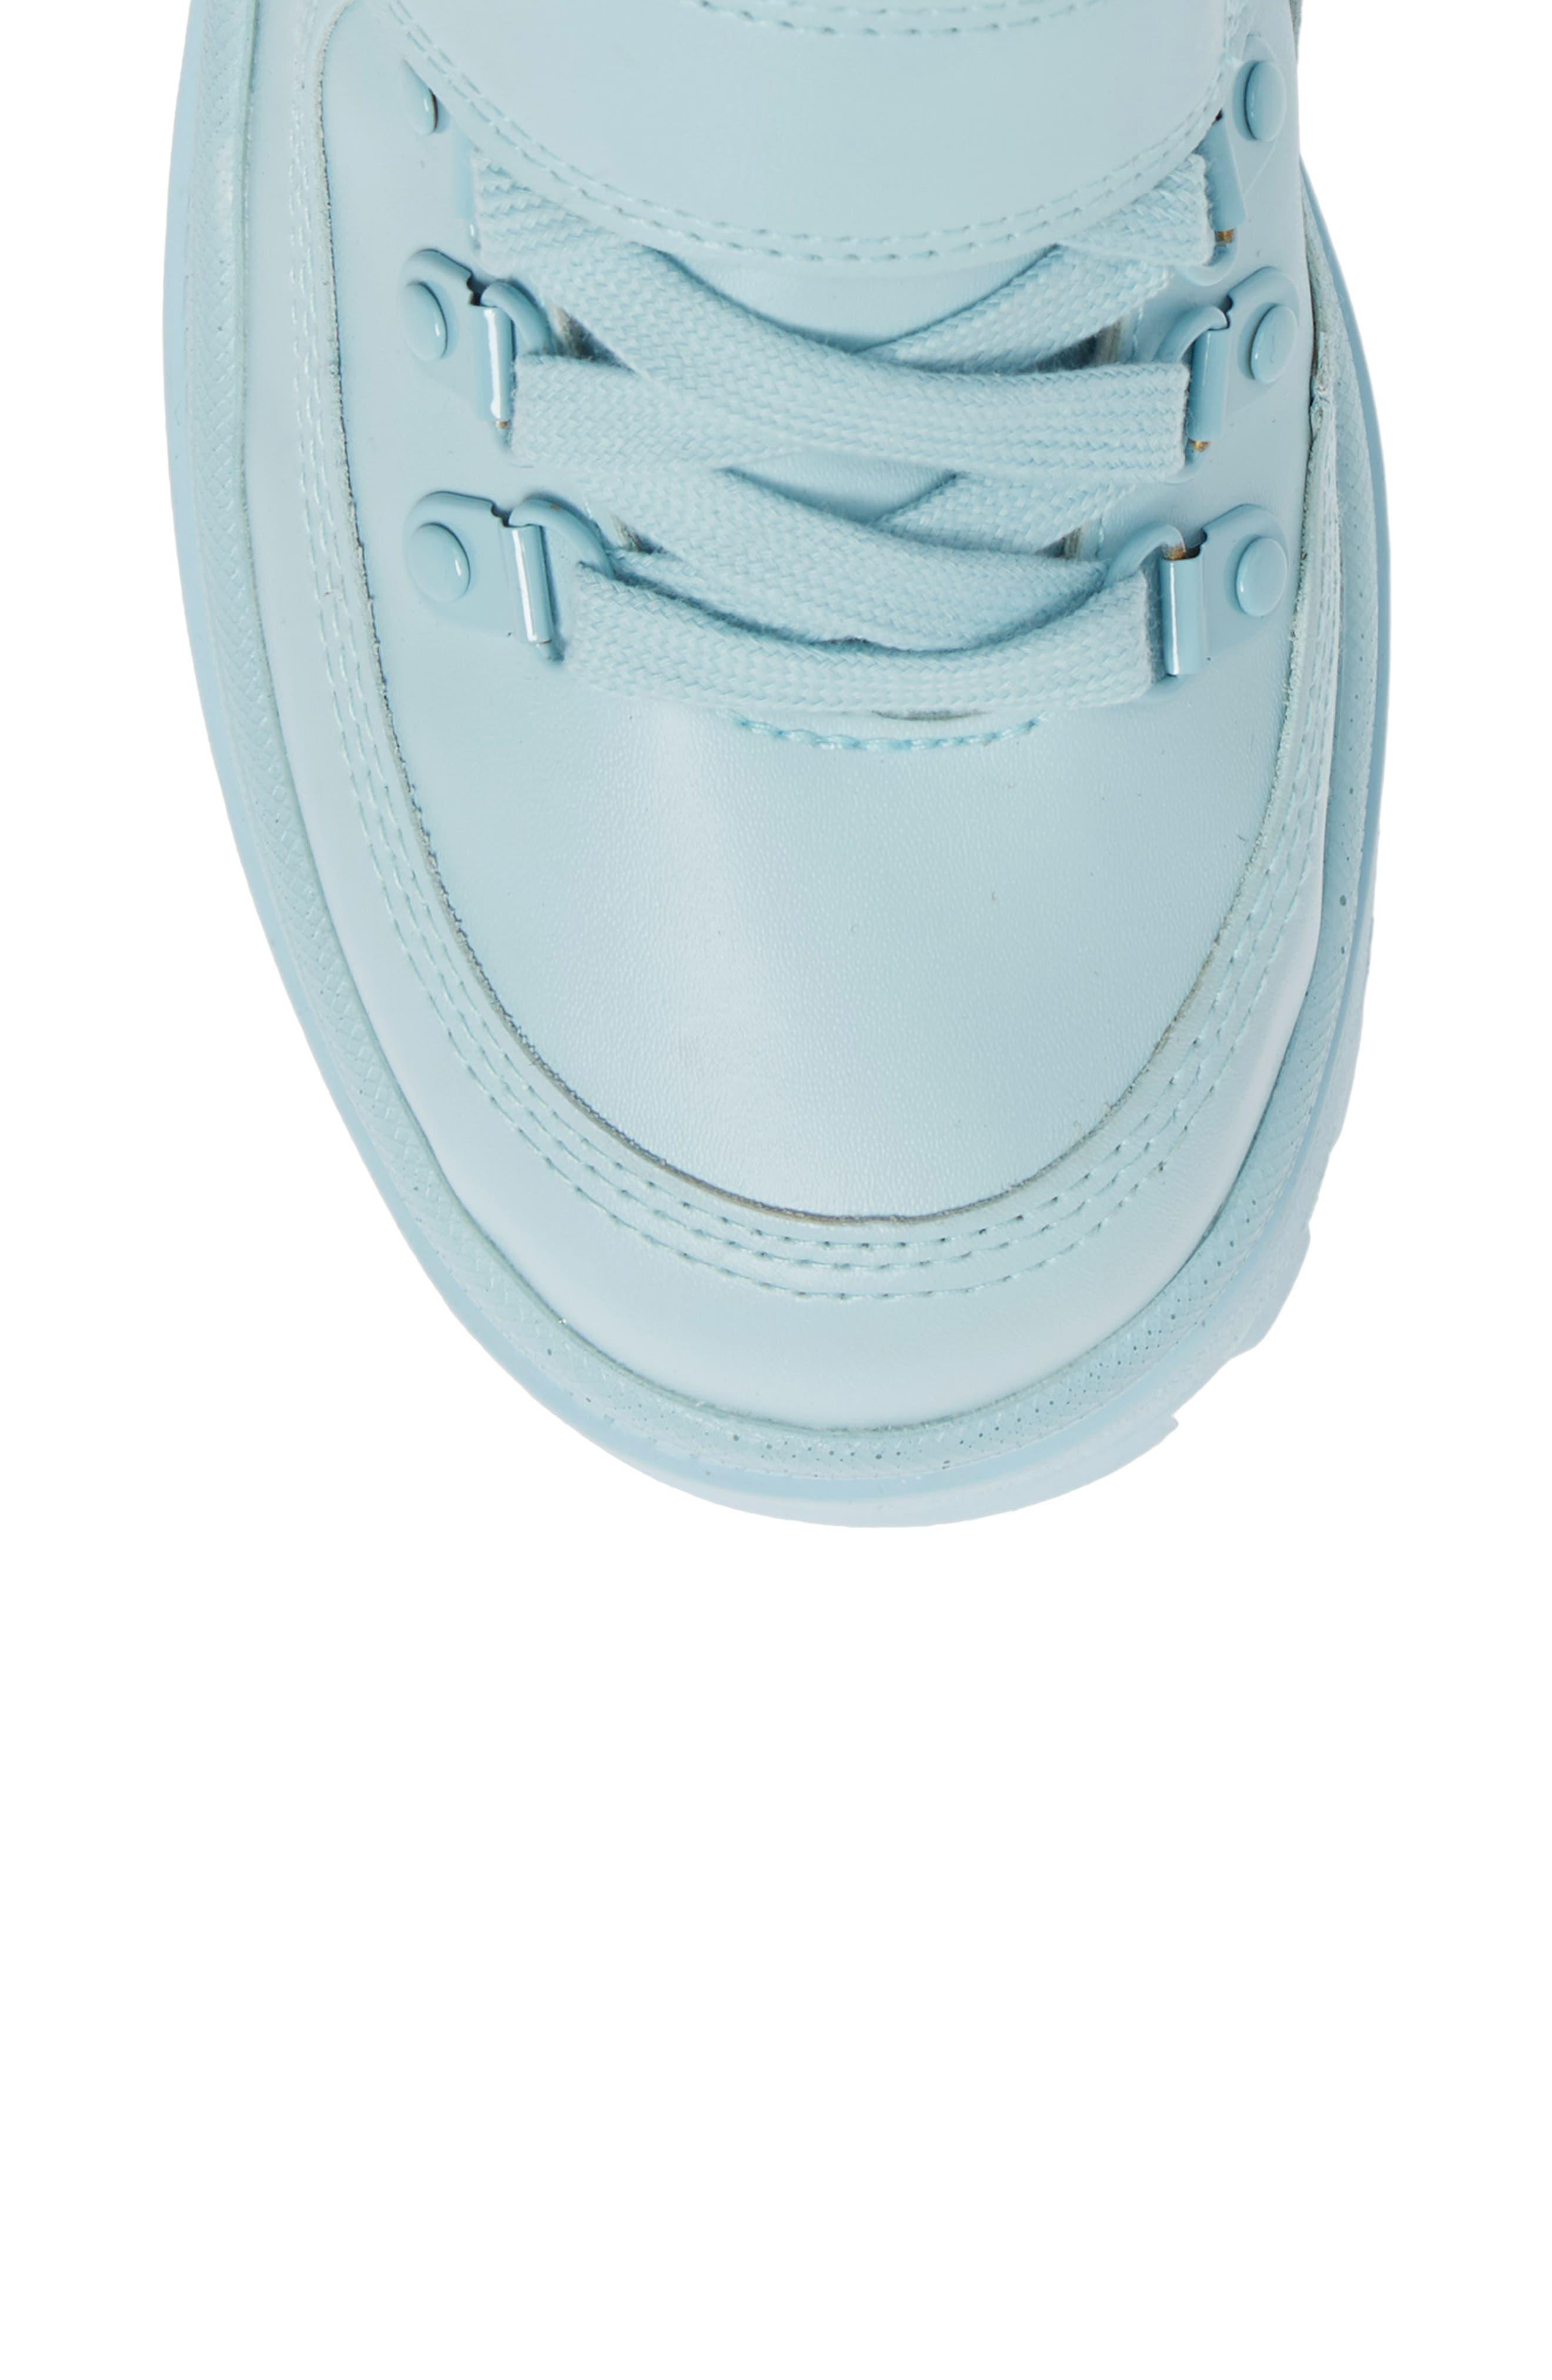 JEFFREY CAMPBELL, Top Peak 2 Platform Sneaker, Alternate thumbnail 5, color, BLUE FAUX LEATHER